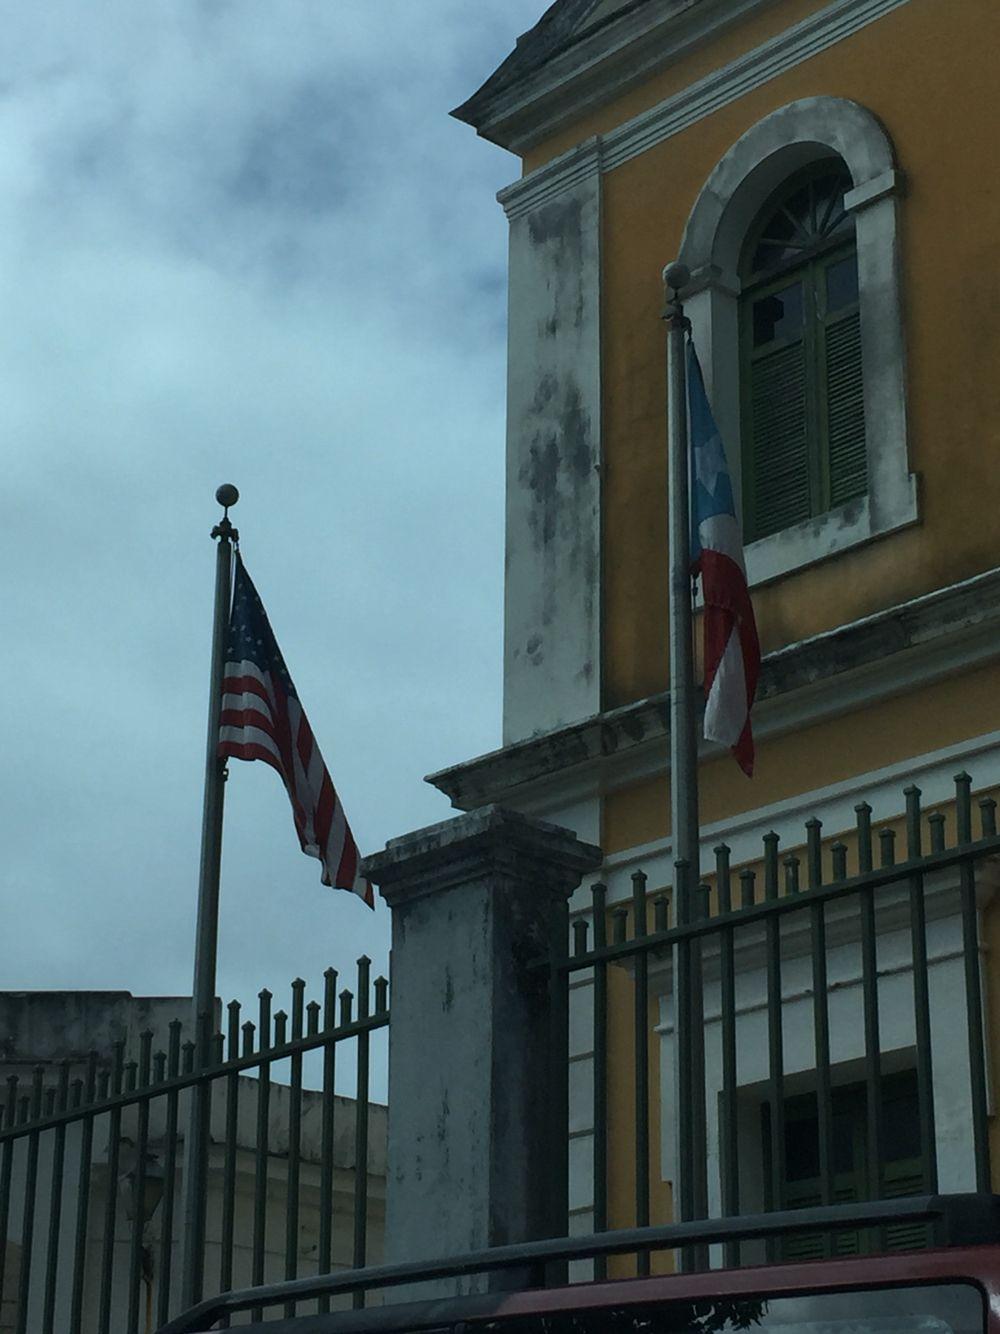 Escuela de Artes Plásticas cumple con reglamentación de banderas. En buenas condiciones, izadas al mismo nivel en astas y la bandera de PR a la derecha del observador. Tomada lunes 7 de marzo 2016 a las 10:23am  #banderasyescudosVSJ #sagradoenero2016